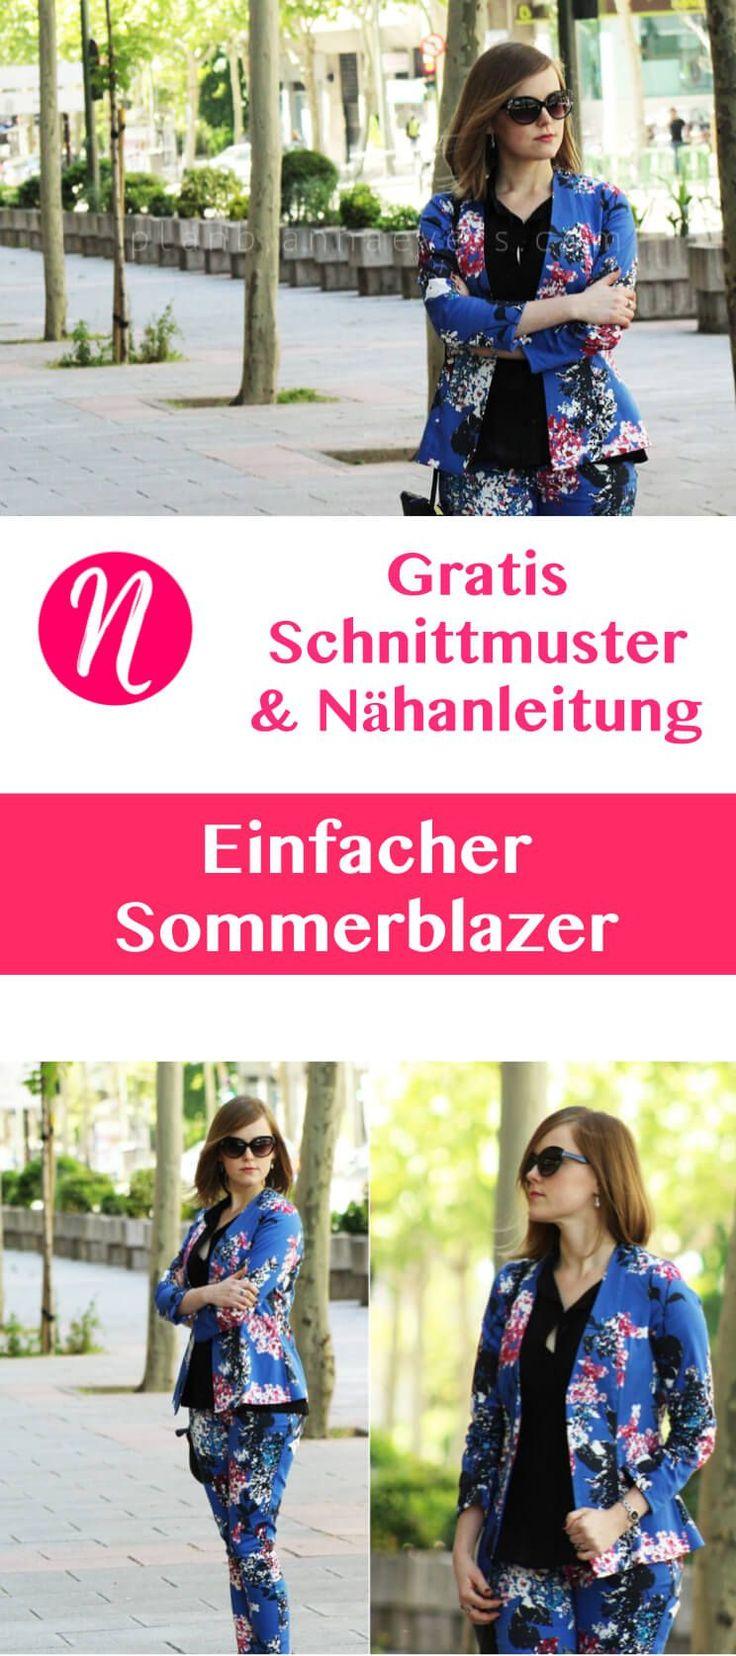 Einfacher Sommer-Blazer für Damen selber nähen. Kostenloses PDF-Schnittmuster zum Ausdrucken in Größe S/M. Nähtalente - Magazin für kostenlose Schnittmuster (Diy Shirts)